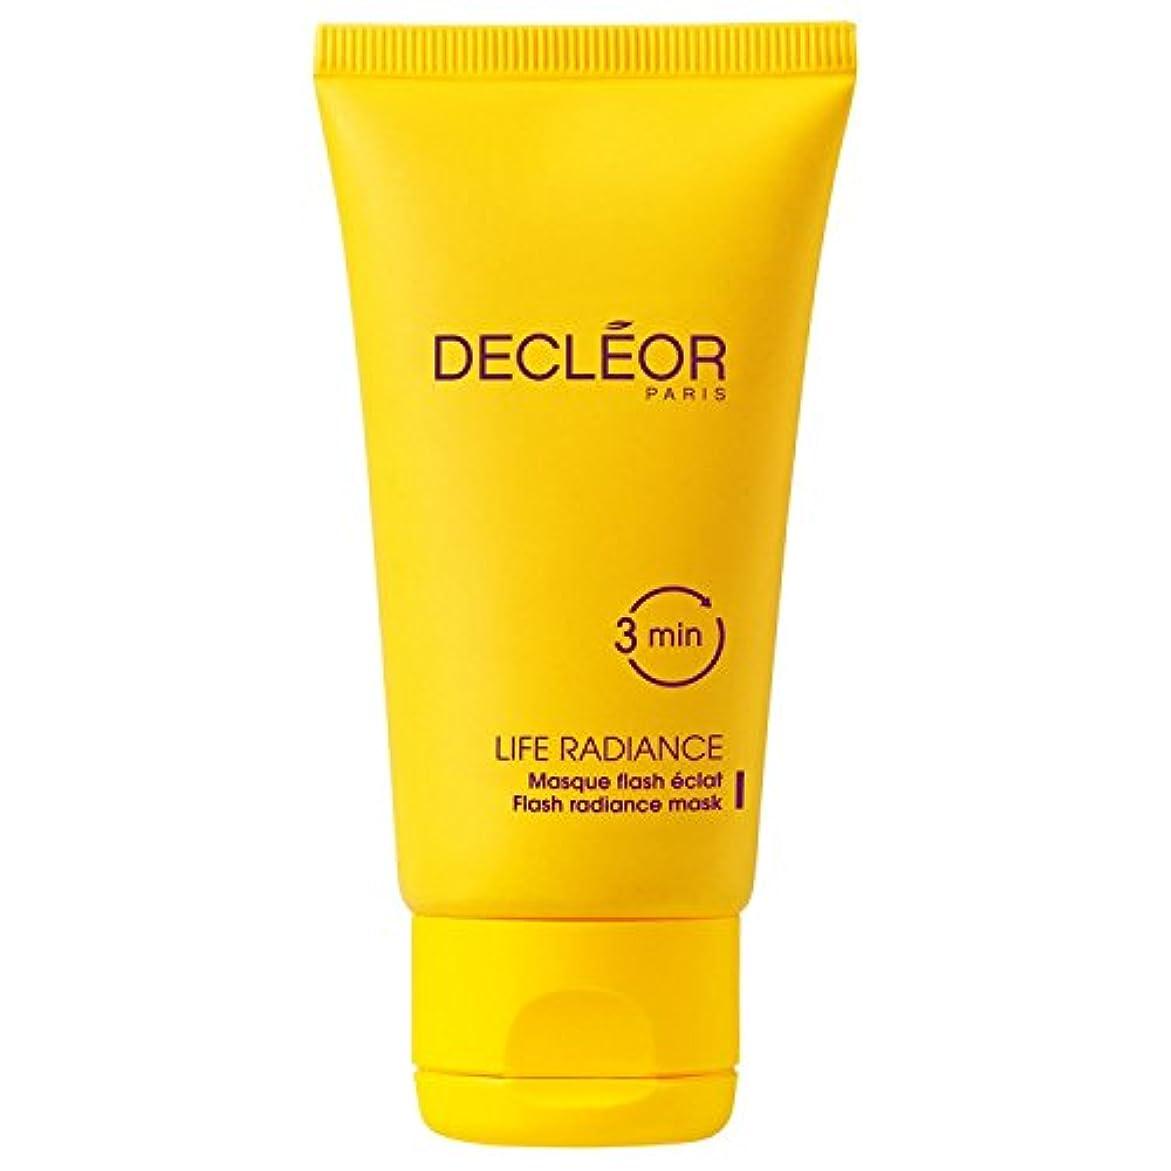 ストライクもし件名[Decl?or] デクレオール放射輝度フラッシュマスク50ミリリットル - Decl?or Radiance Flash Mask 50ml [並行輸入品]